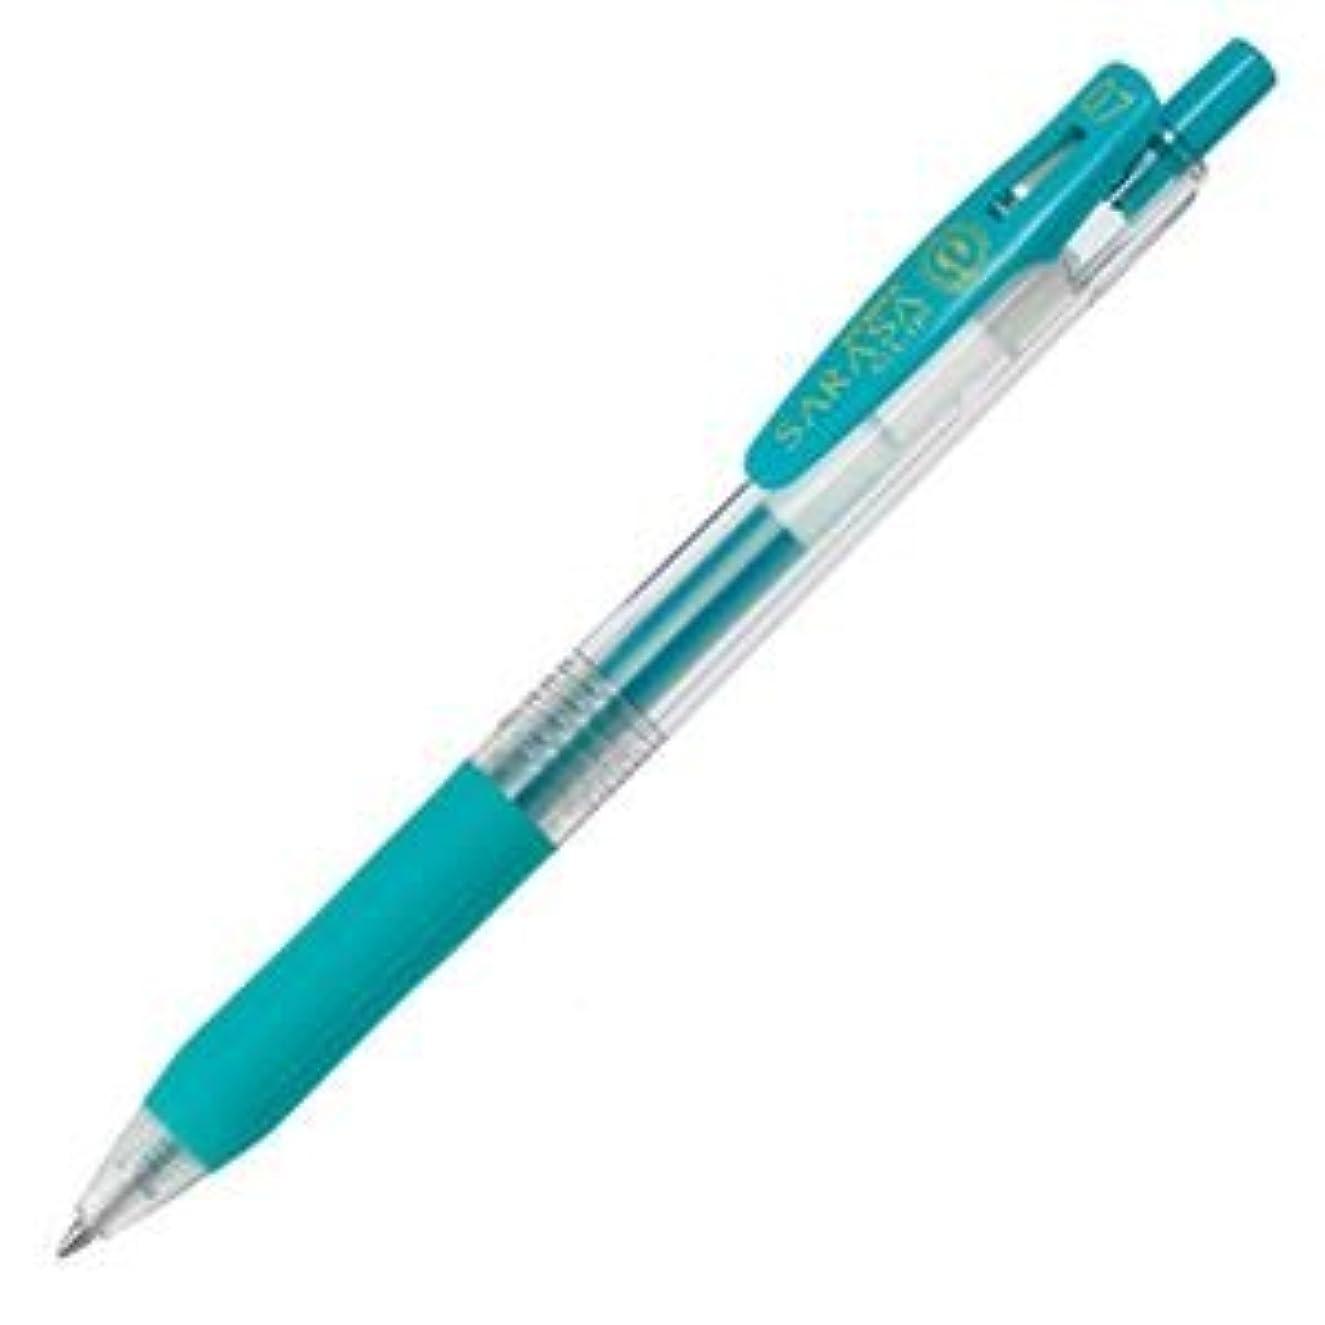 バリア不可能な北へ(まとめ) ゼブラ ゲルインクボールペン サラサクリップ 0.7mm ブルーグリーン JJB15-B